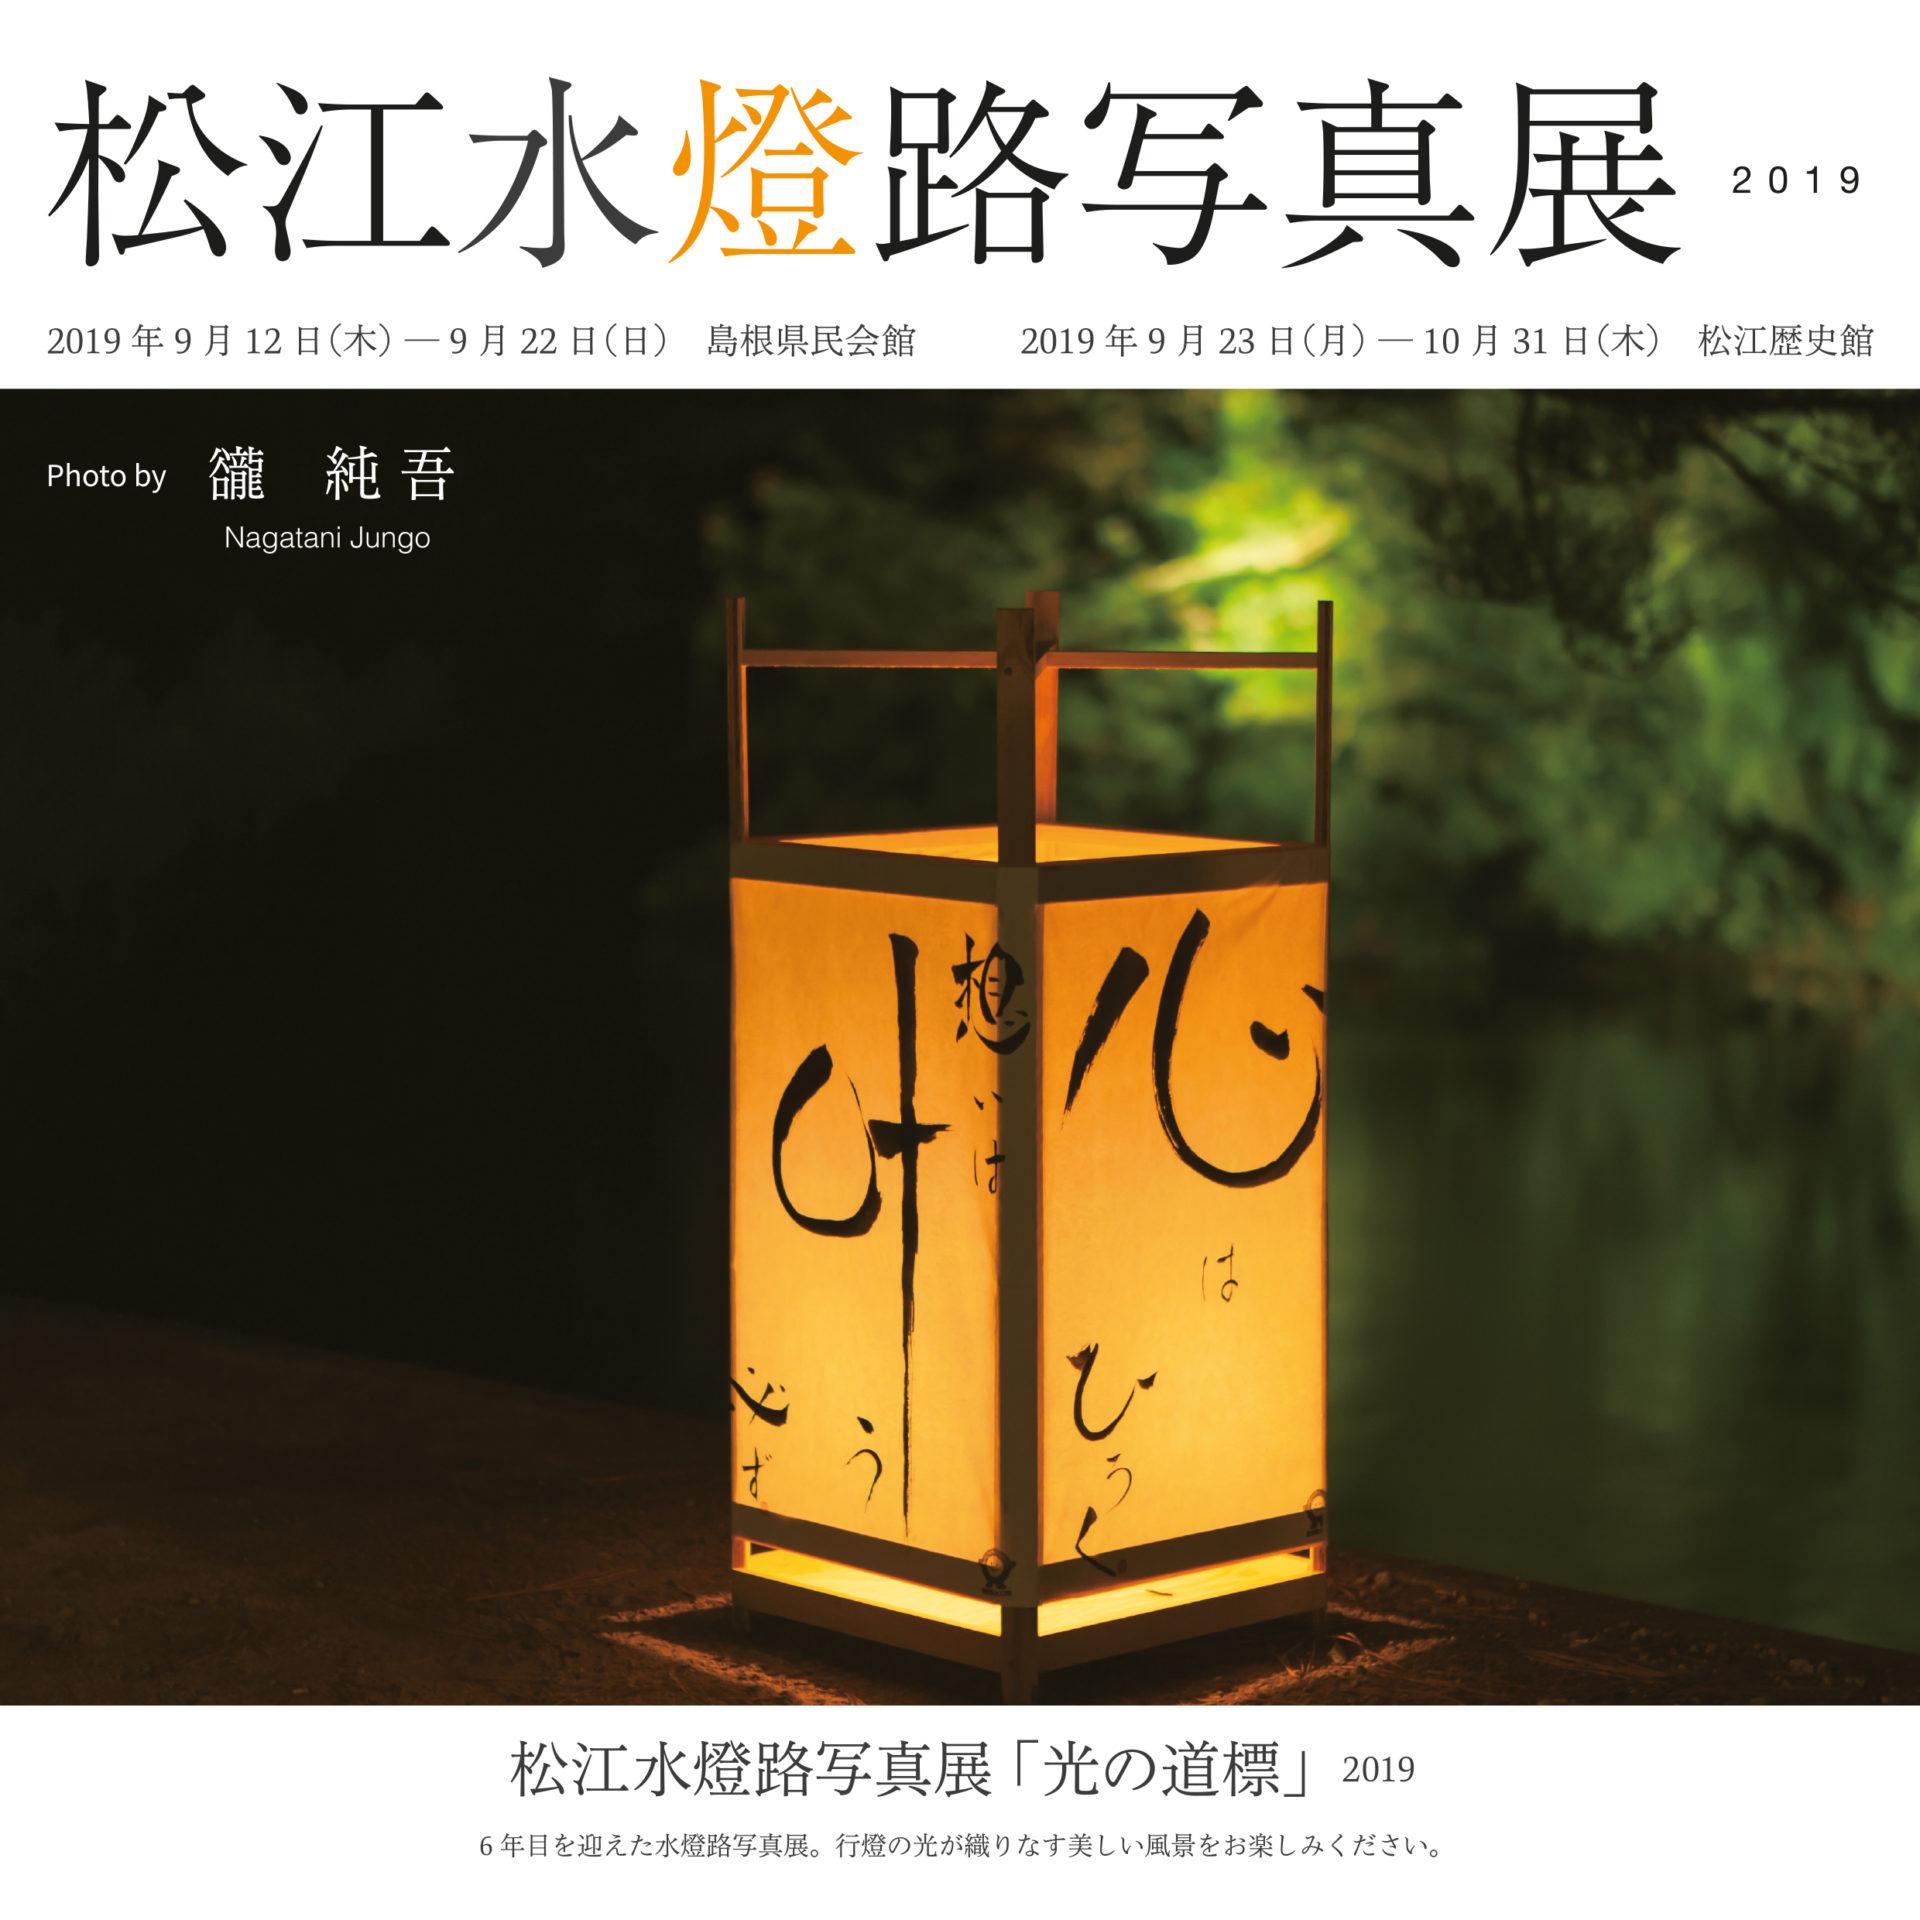 松江水燈路の市民会議企画として「松江水燈路写真展 2019」を開催します。この写真展も、早いもので今年で6回目となります。